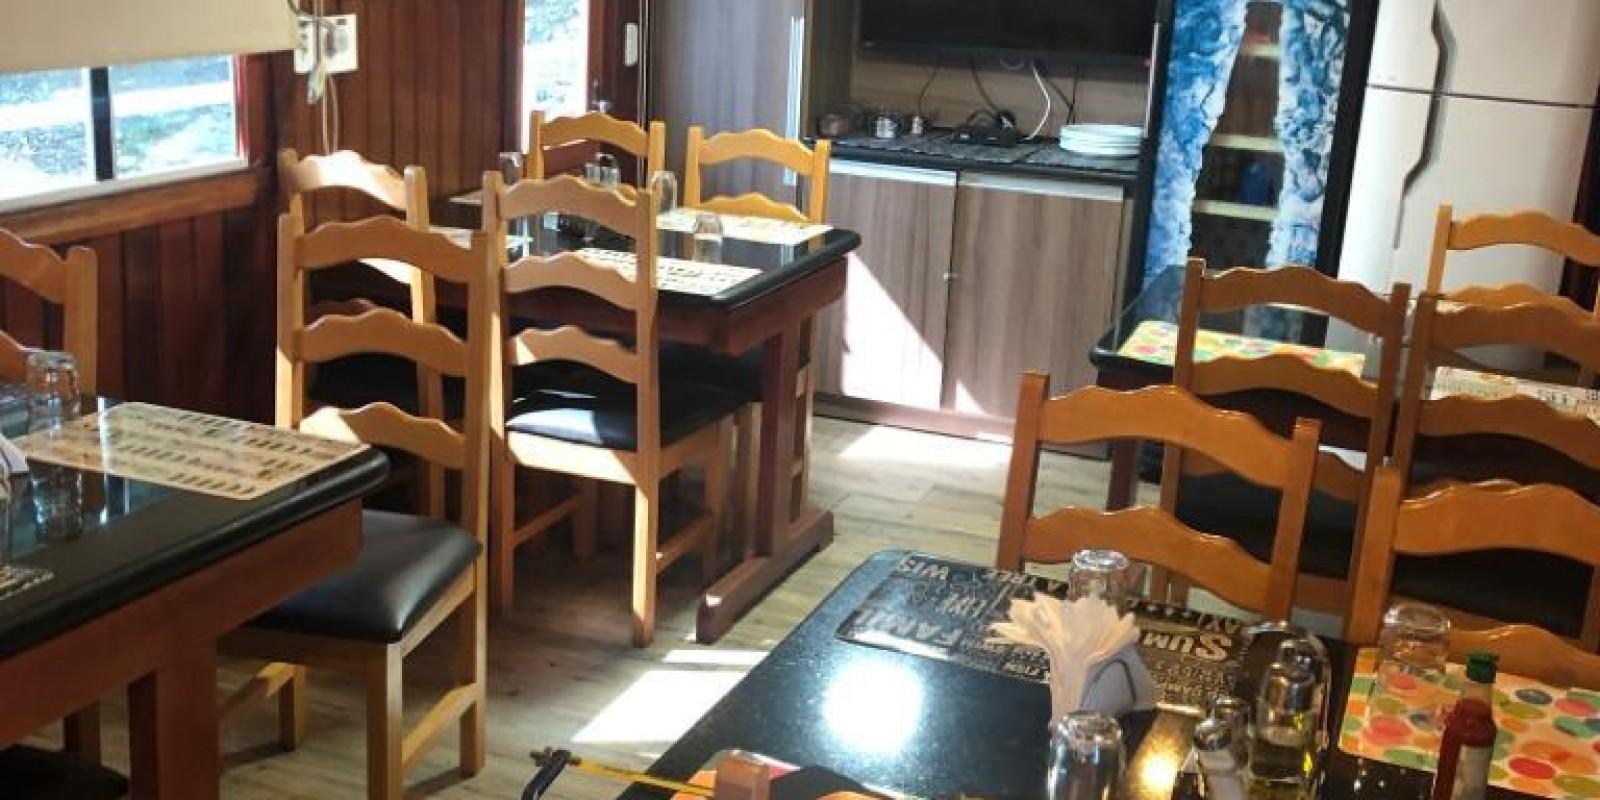 Barco Hotel Paola I - Corumbá - 24 pessoas - Foto 4 de 10